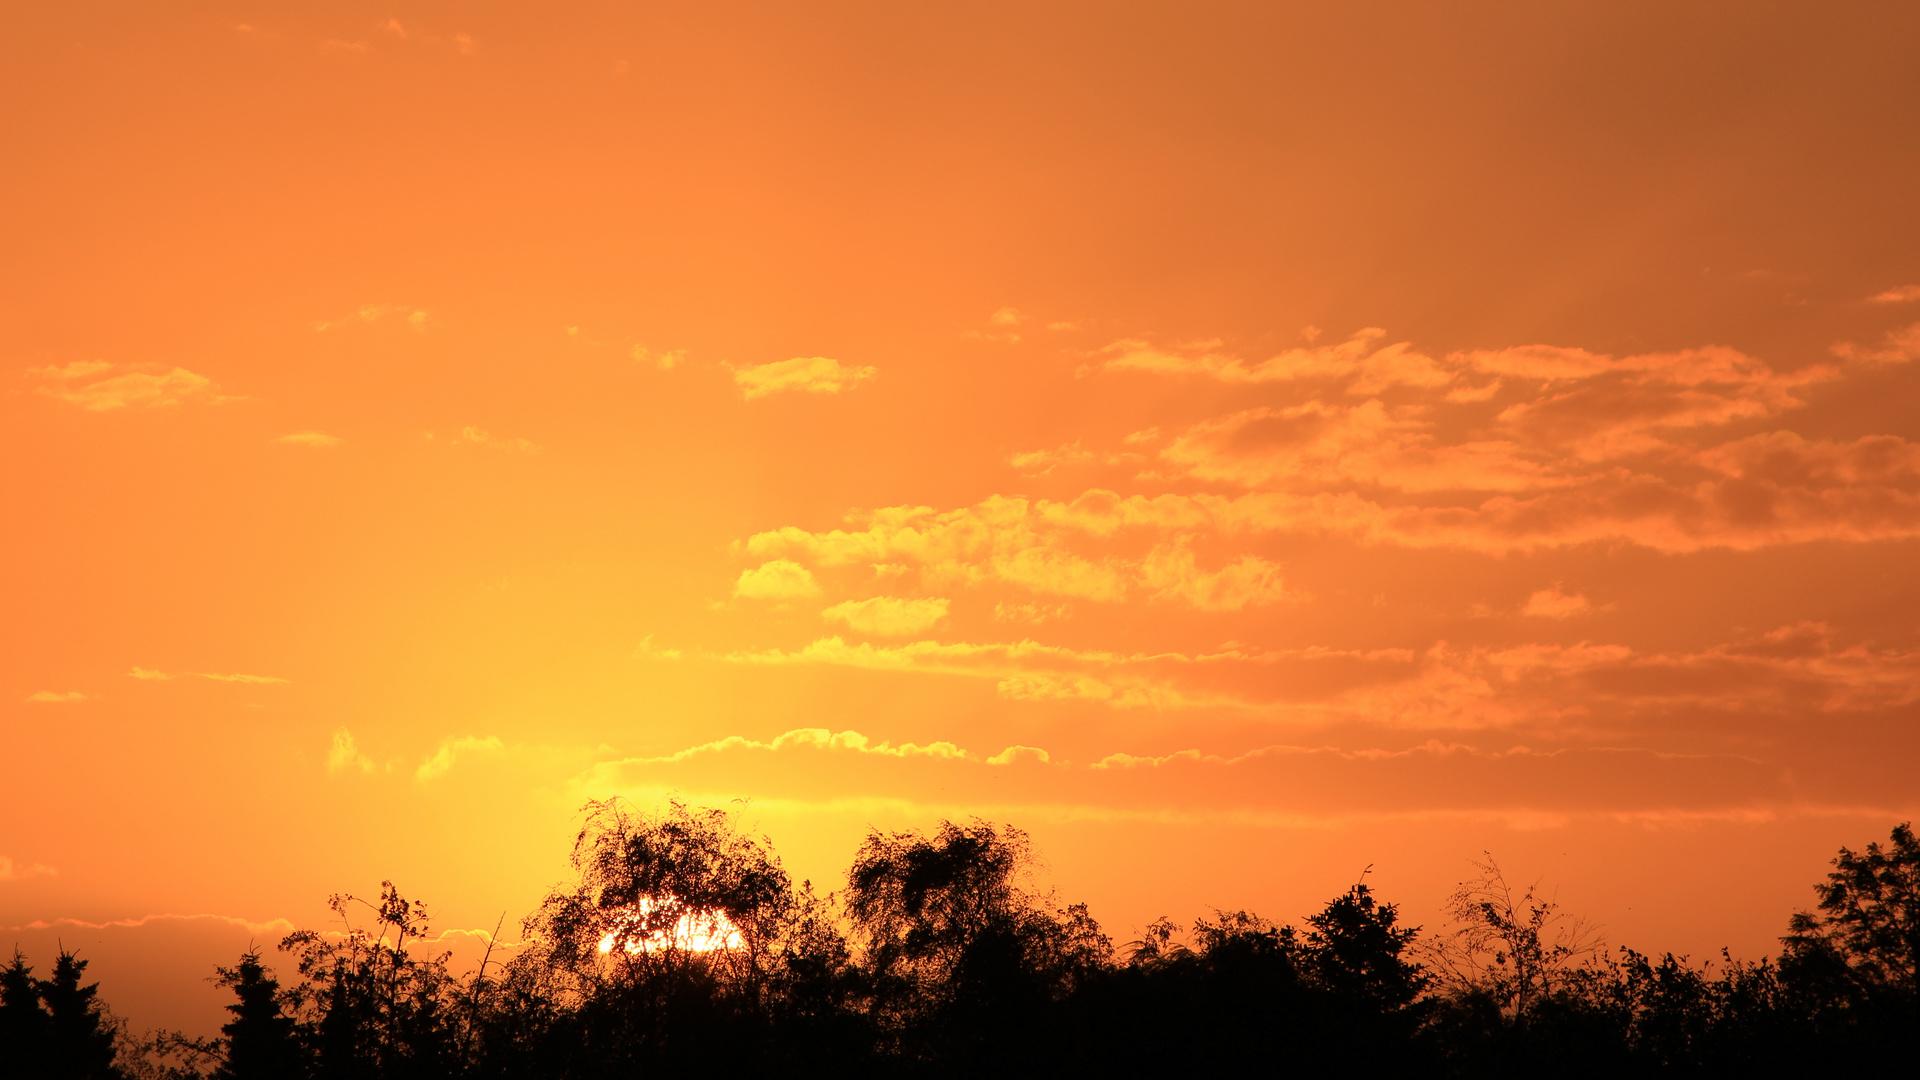 Sonnenaufgang über Skovmose